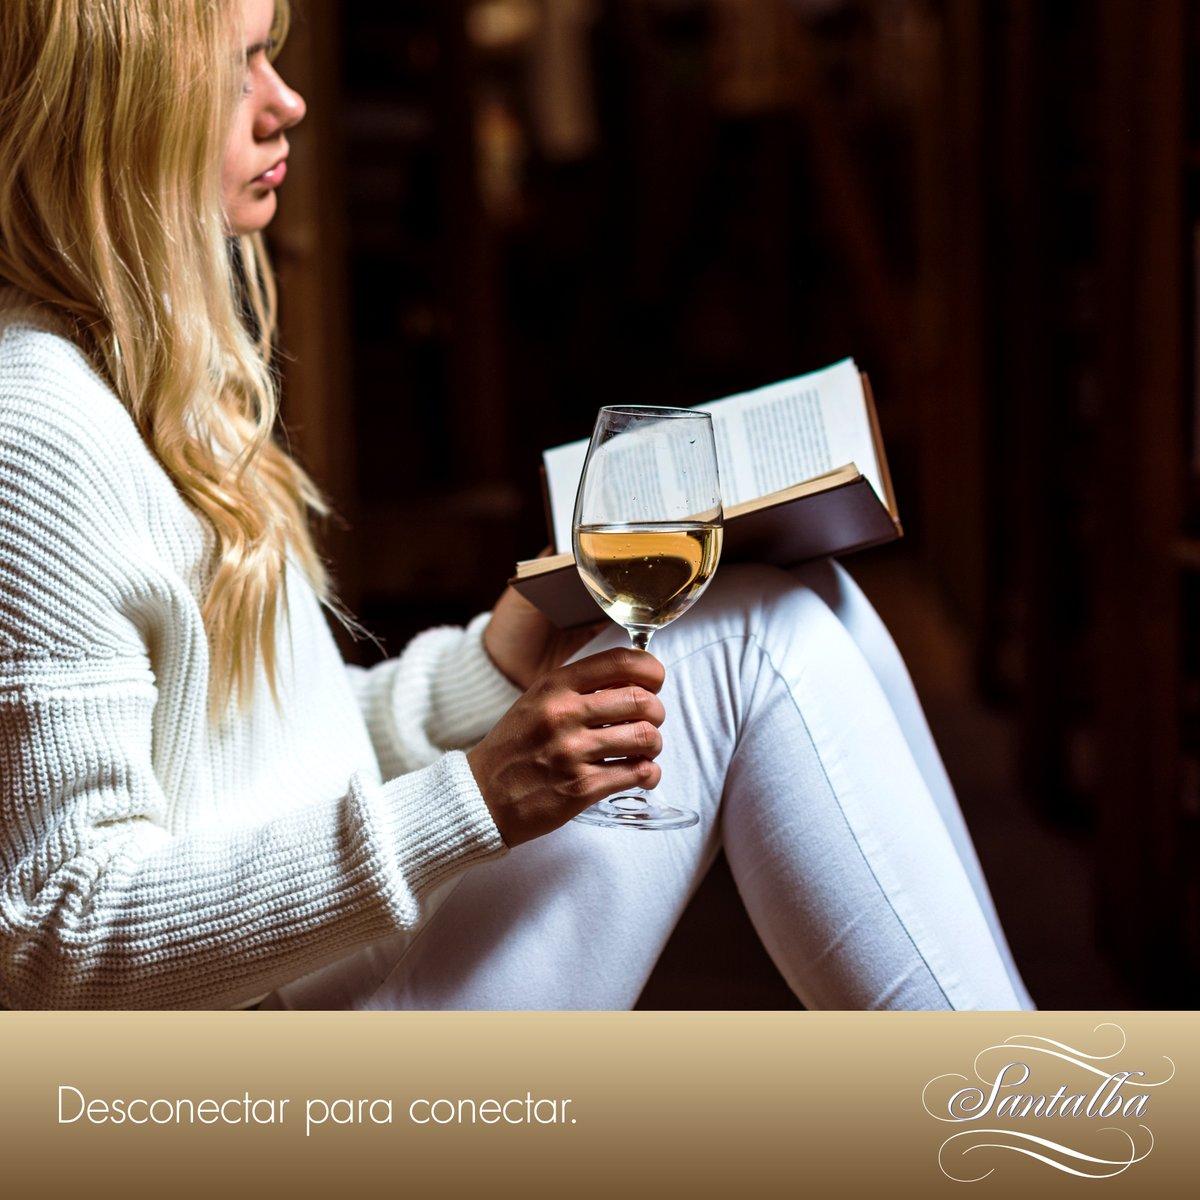 Esos momentos de autoconexión son tan importantes para tu salud mental como los momentos de conexión con tu familia y amigos. 🧘♂️🧘♀️🥂  🏠 ¡Feliz viernes a todos!  #SantalbaConCalma #concalma #calma #lectura #relajación #calm #paz #BodegaSantalba #bodegafamiliar #ViñaHermosaBlanco